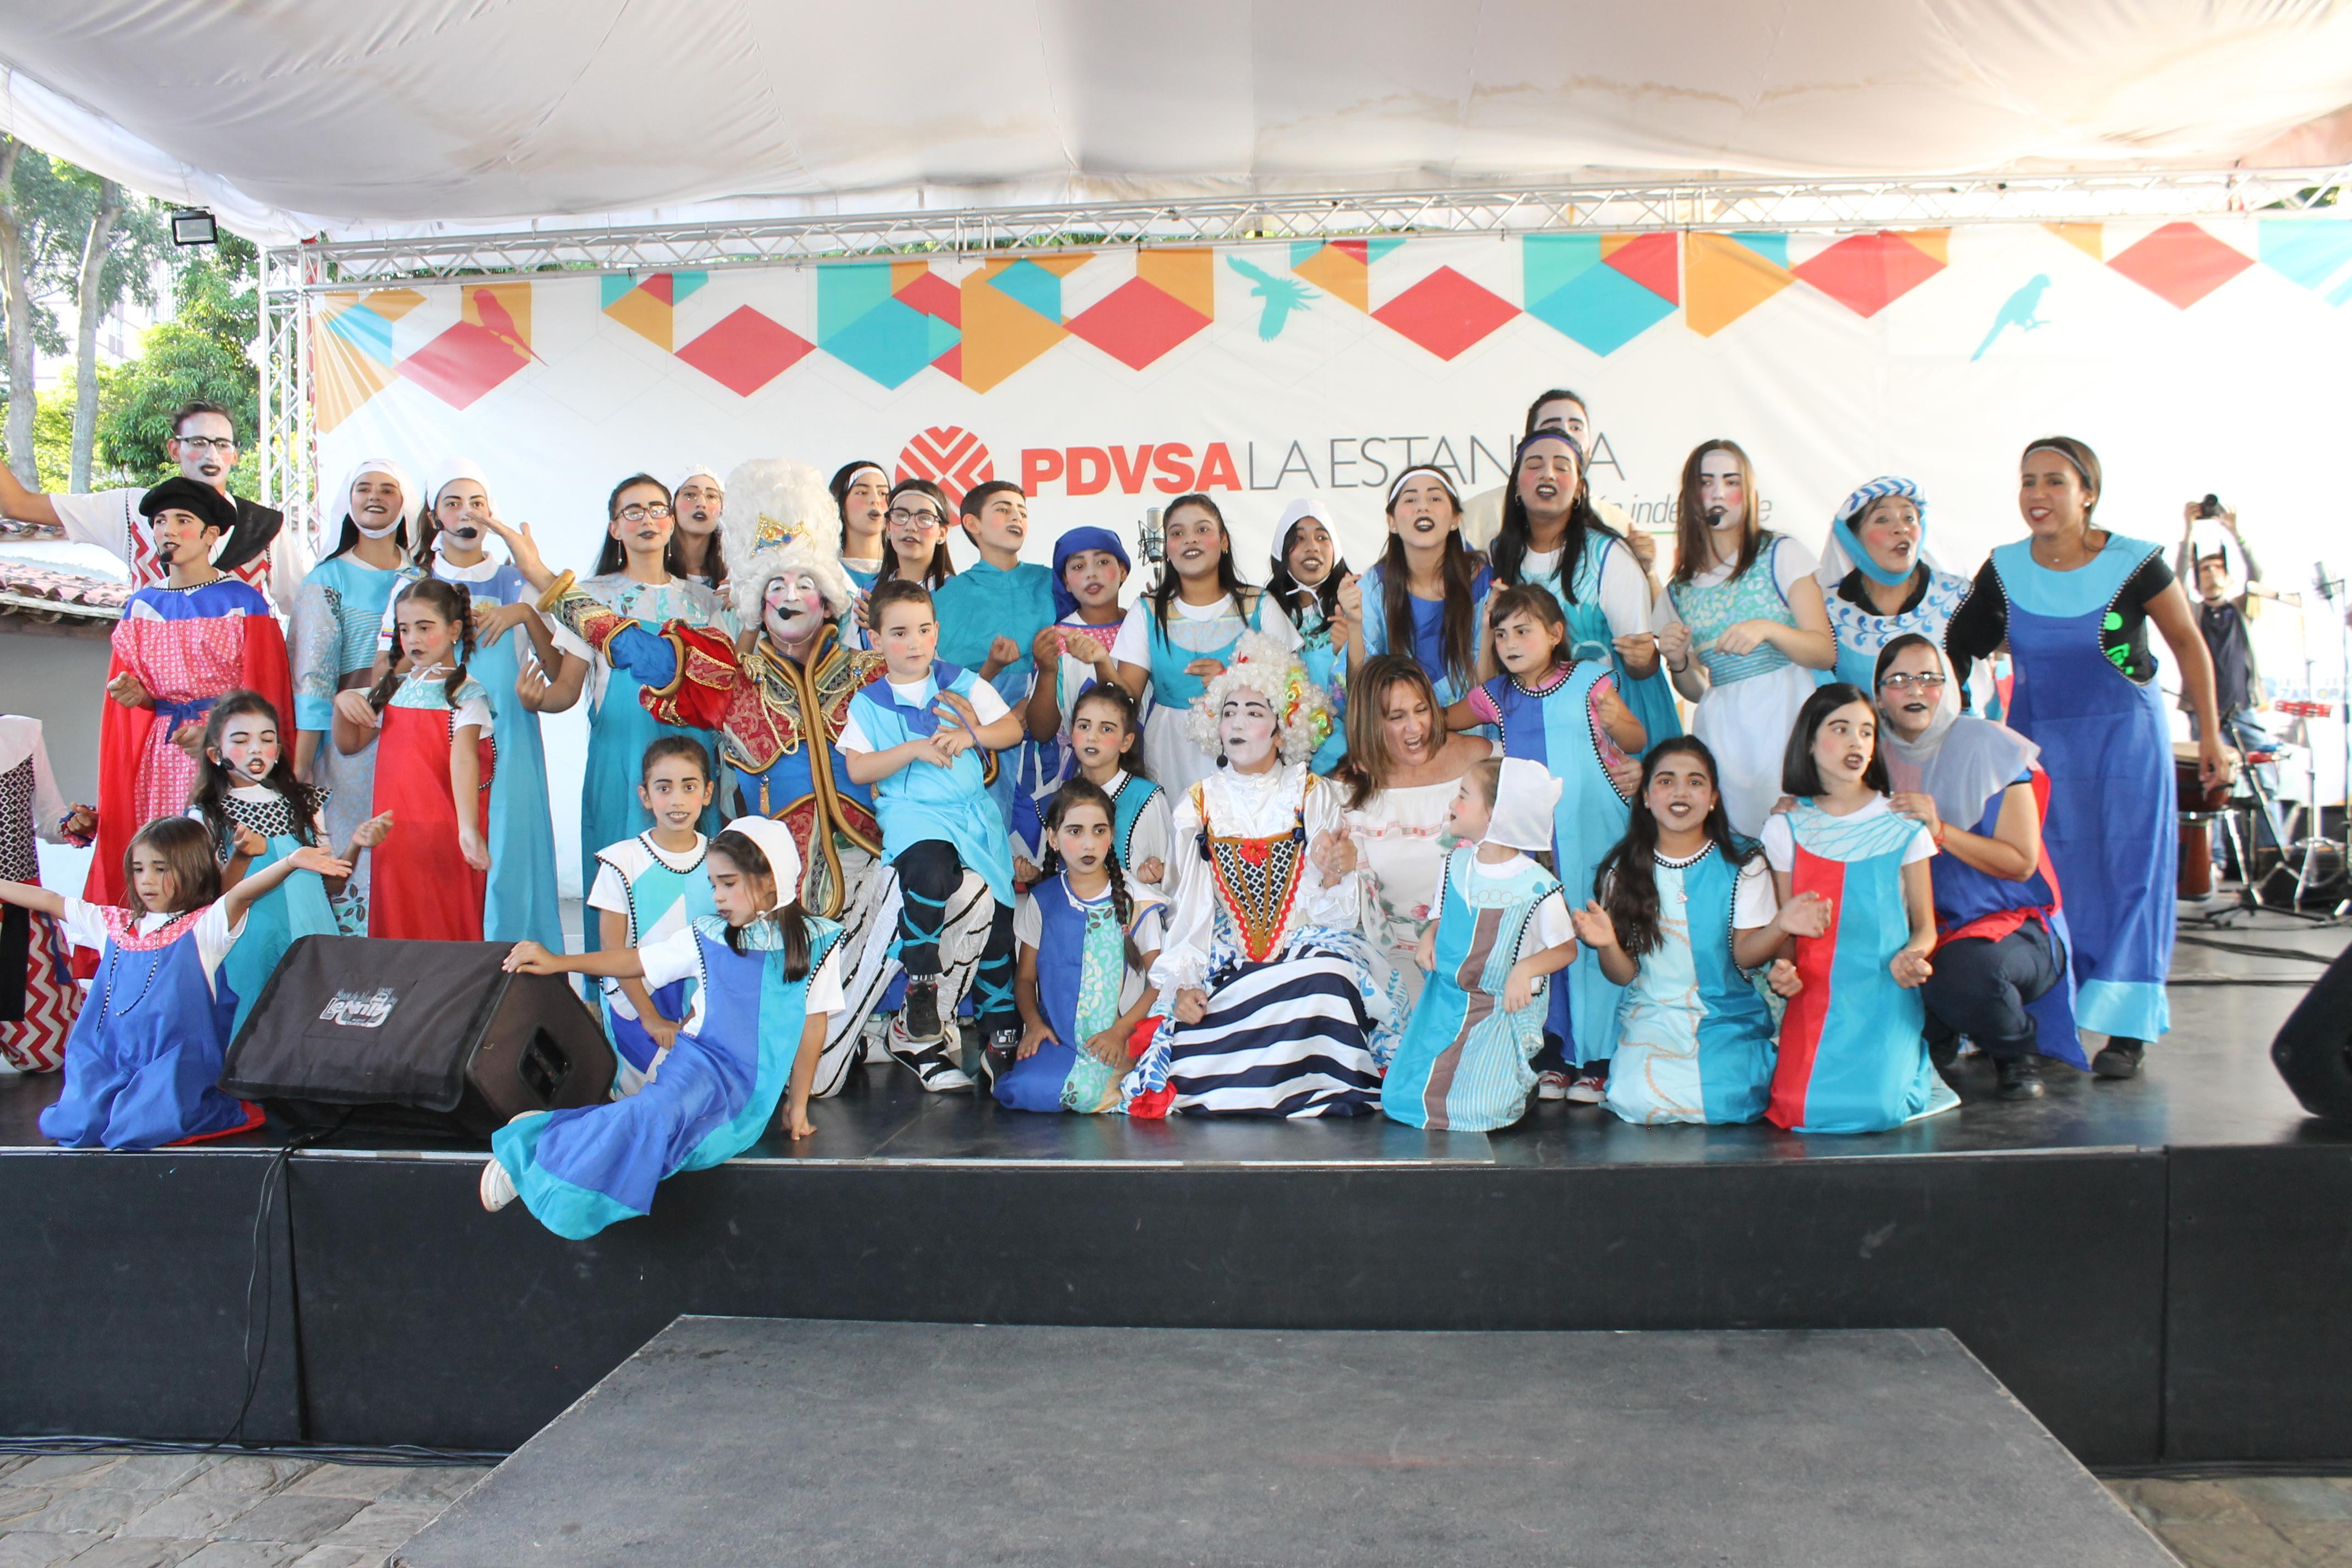 El elenco del musical Canto + Juego + Coexisto posa satisfecho